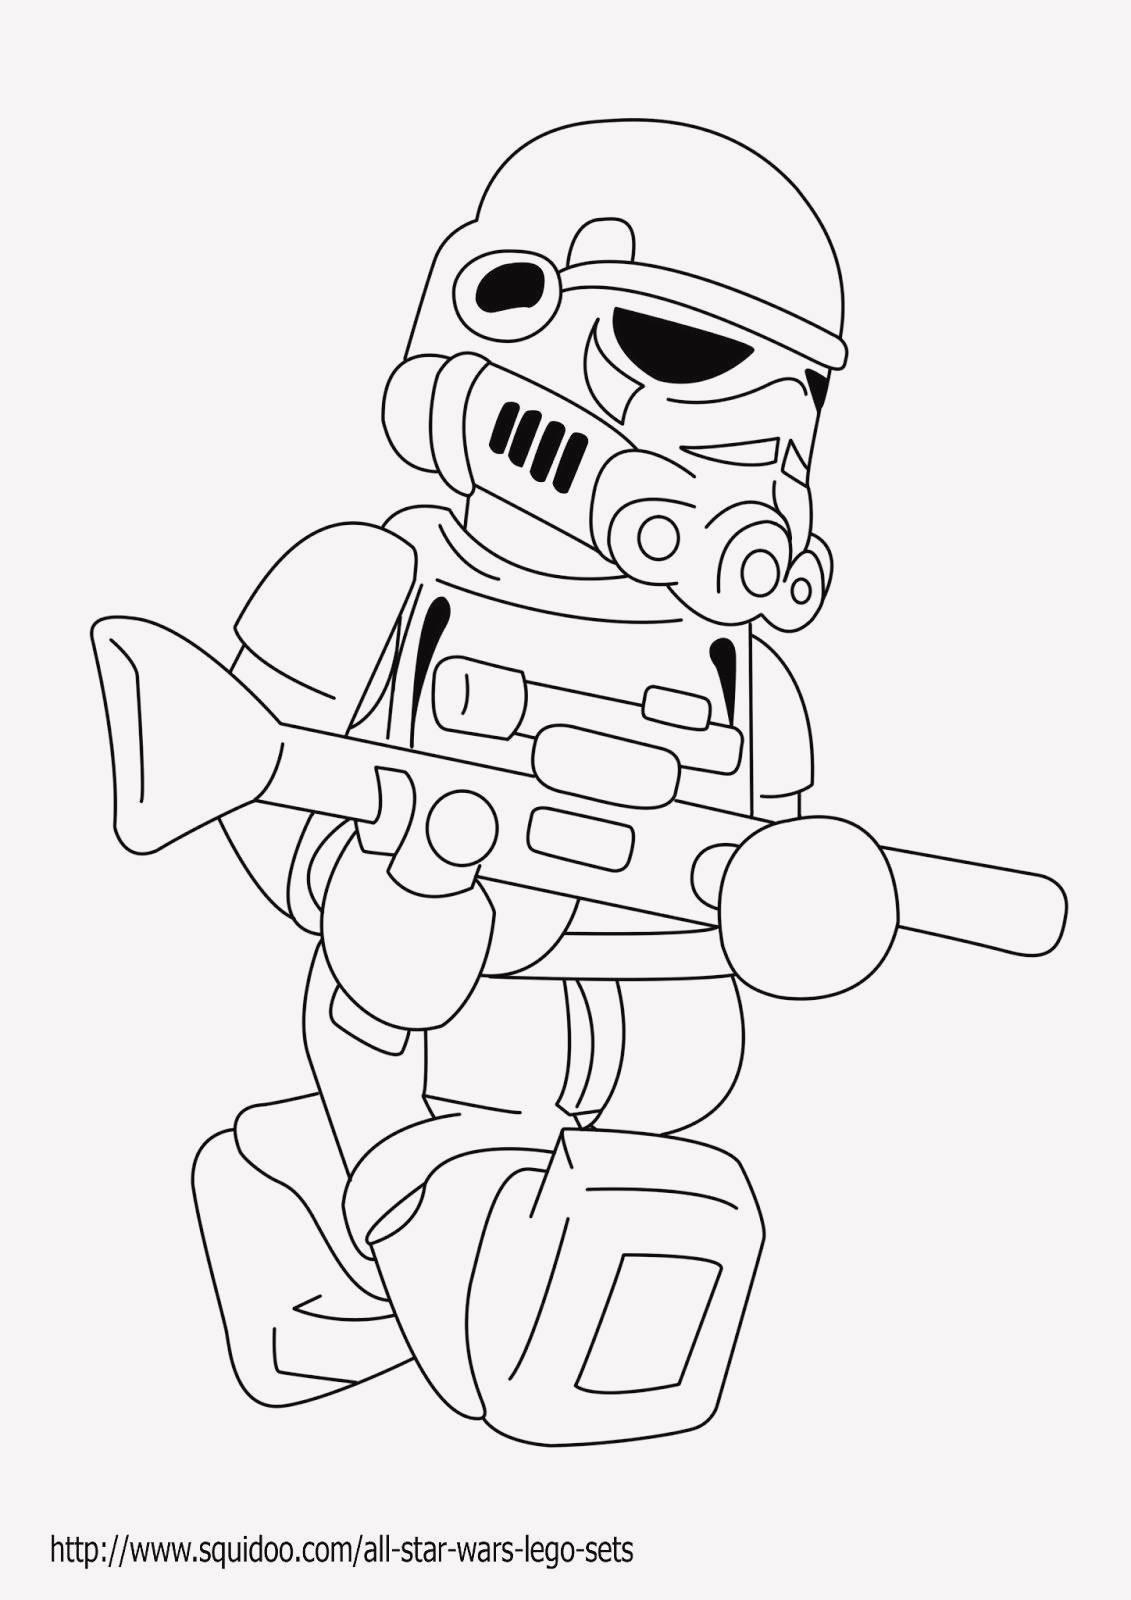 Lego Star Wars Malvorlagen Genial 25 Druckbar Lego Star Wars Ausmalbilder Zum Drucken Das Bild